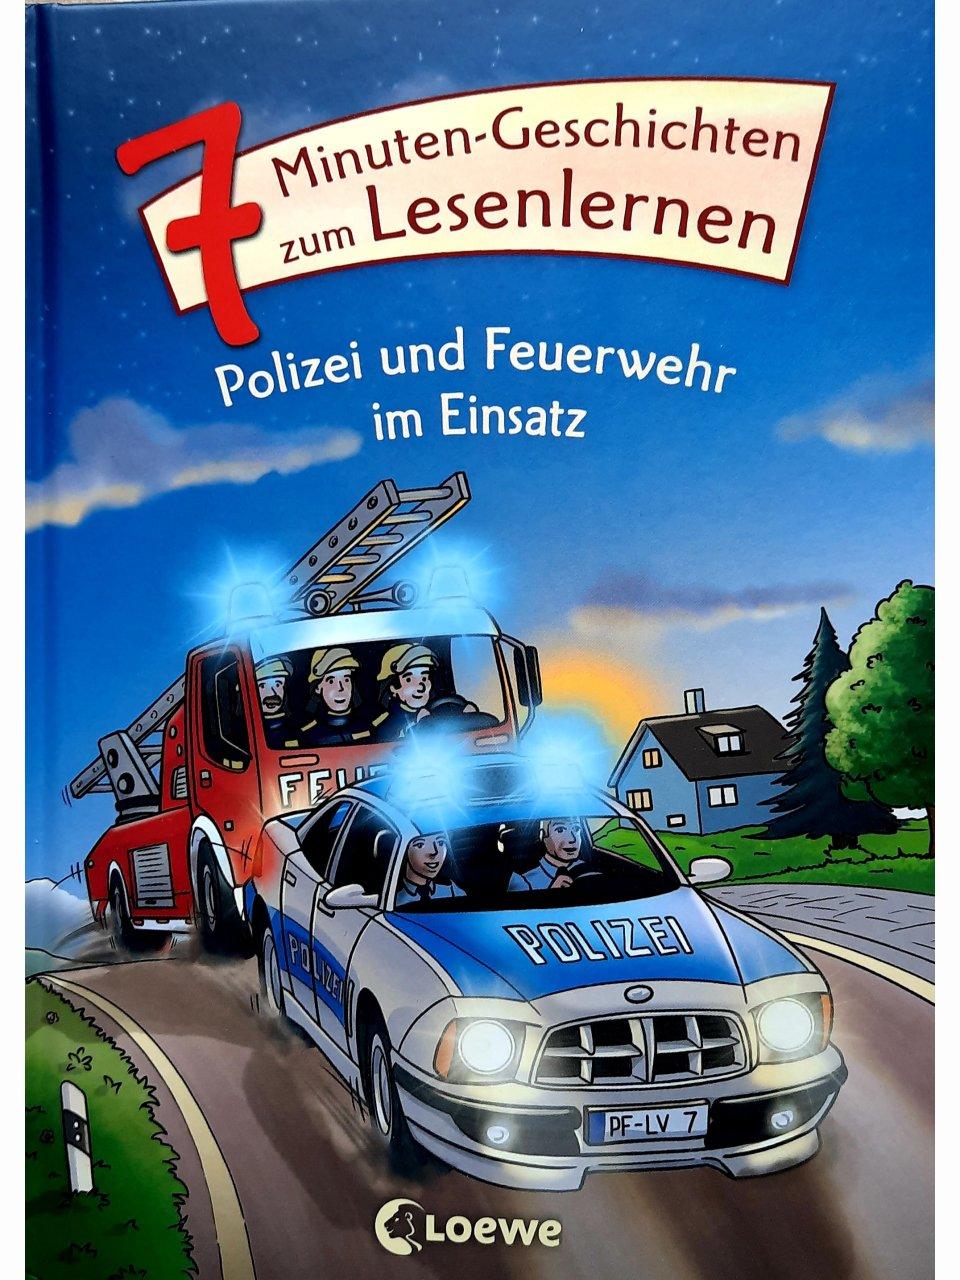 7-Minuten-Geschichten zum Lesenlernen - Polizei und Feuerwehr im Einsatz